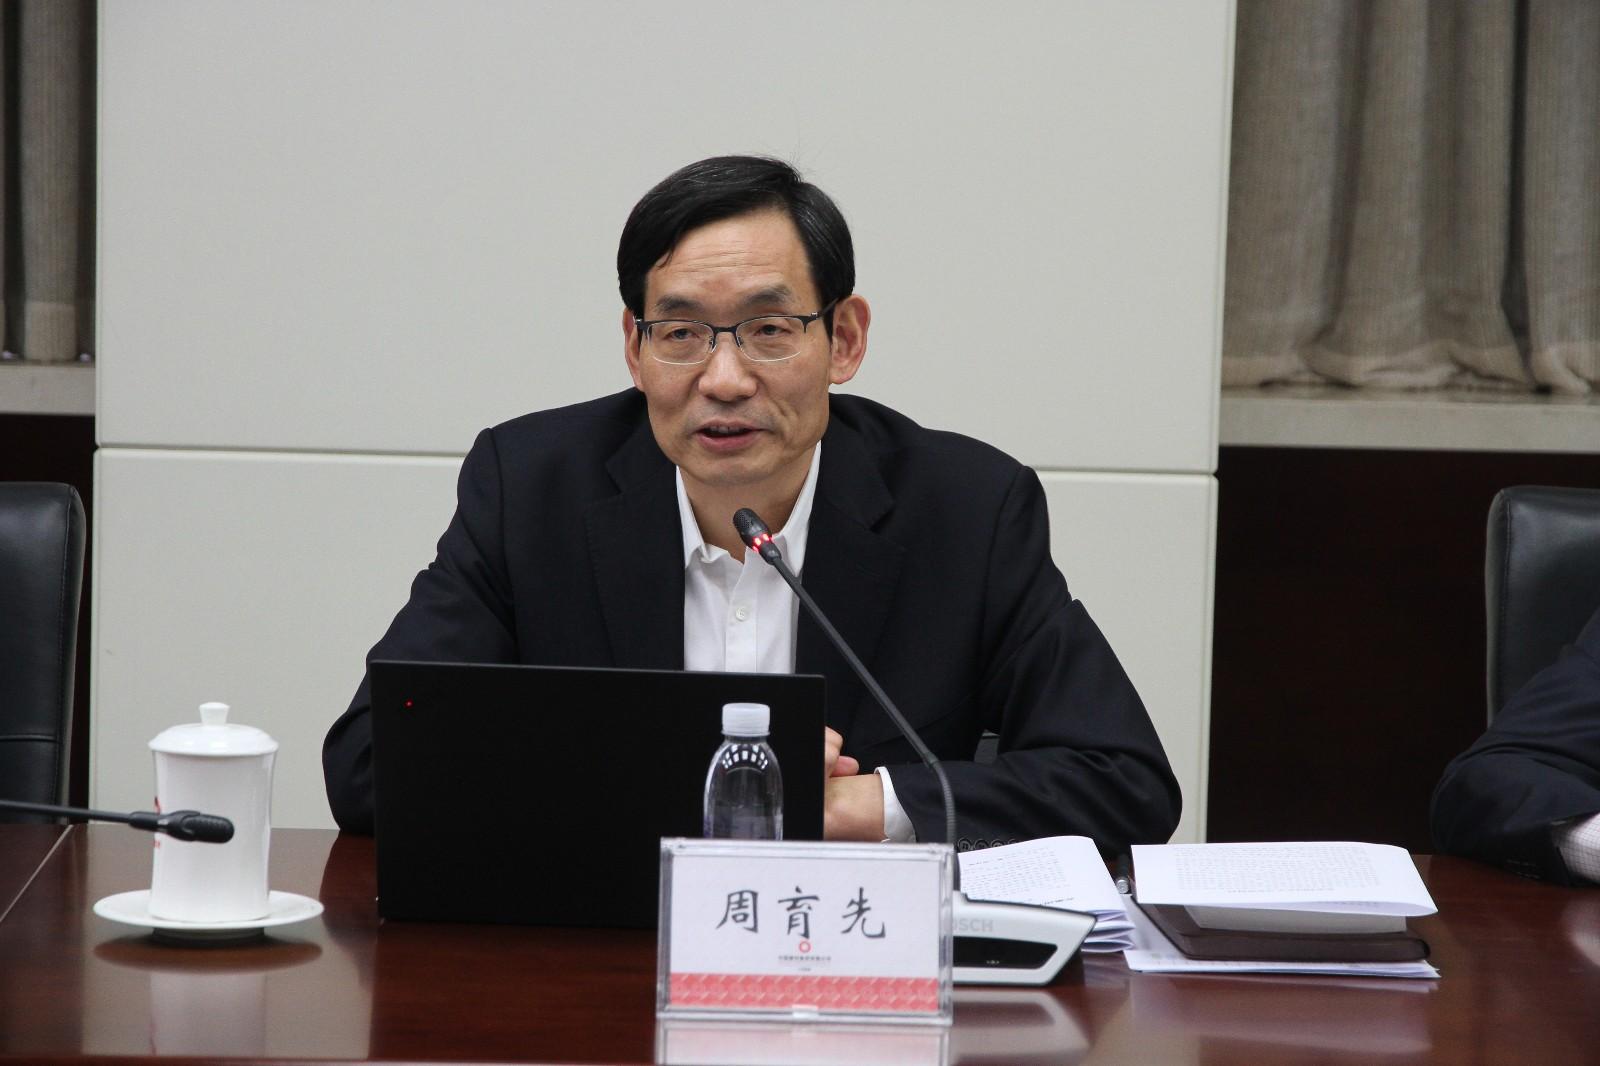 中国建材集团党委理论学习中心组深入学习领会党的十九届四中全会精神